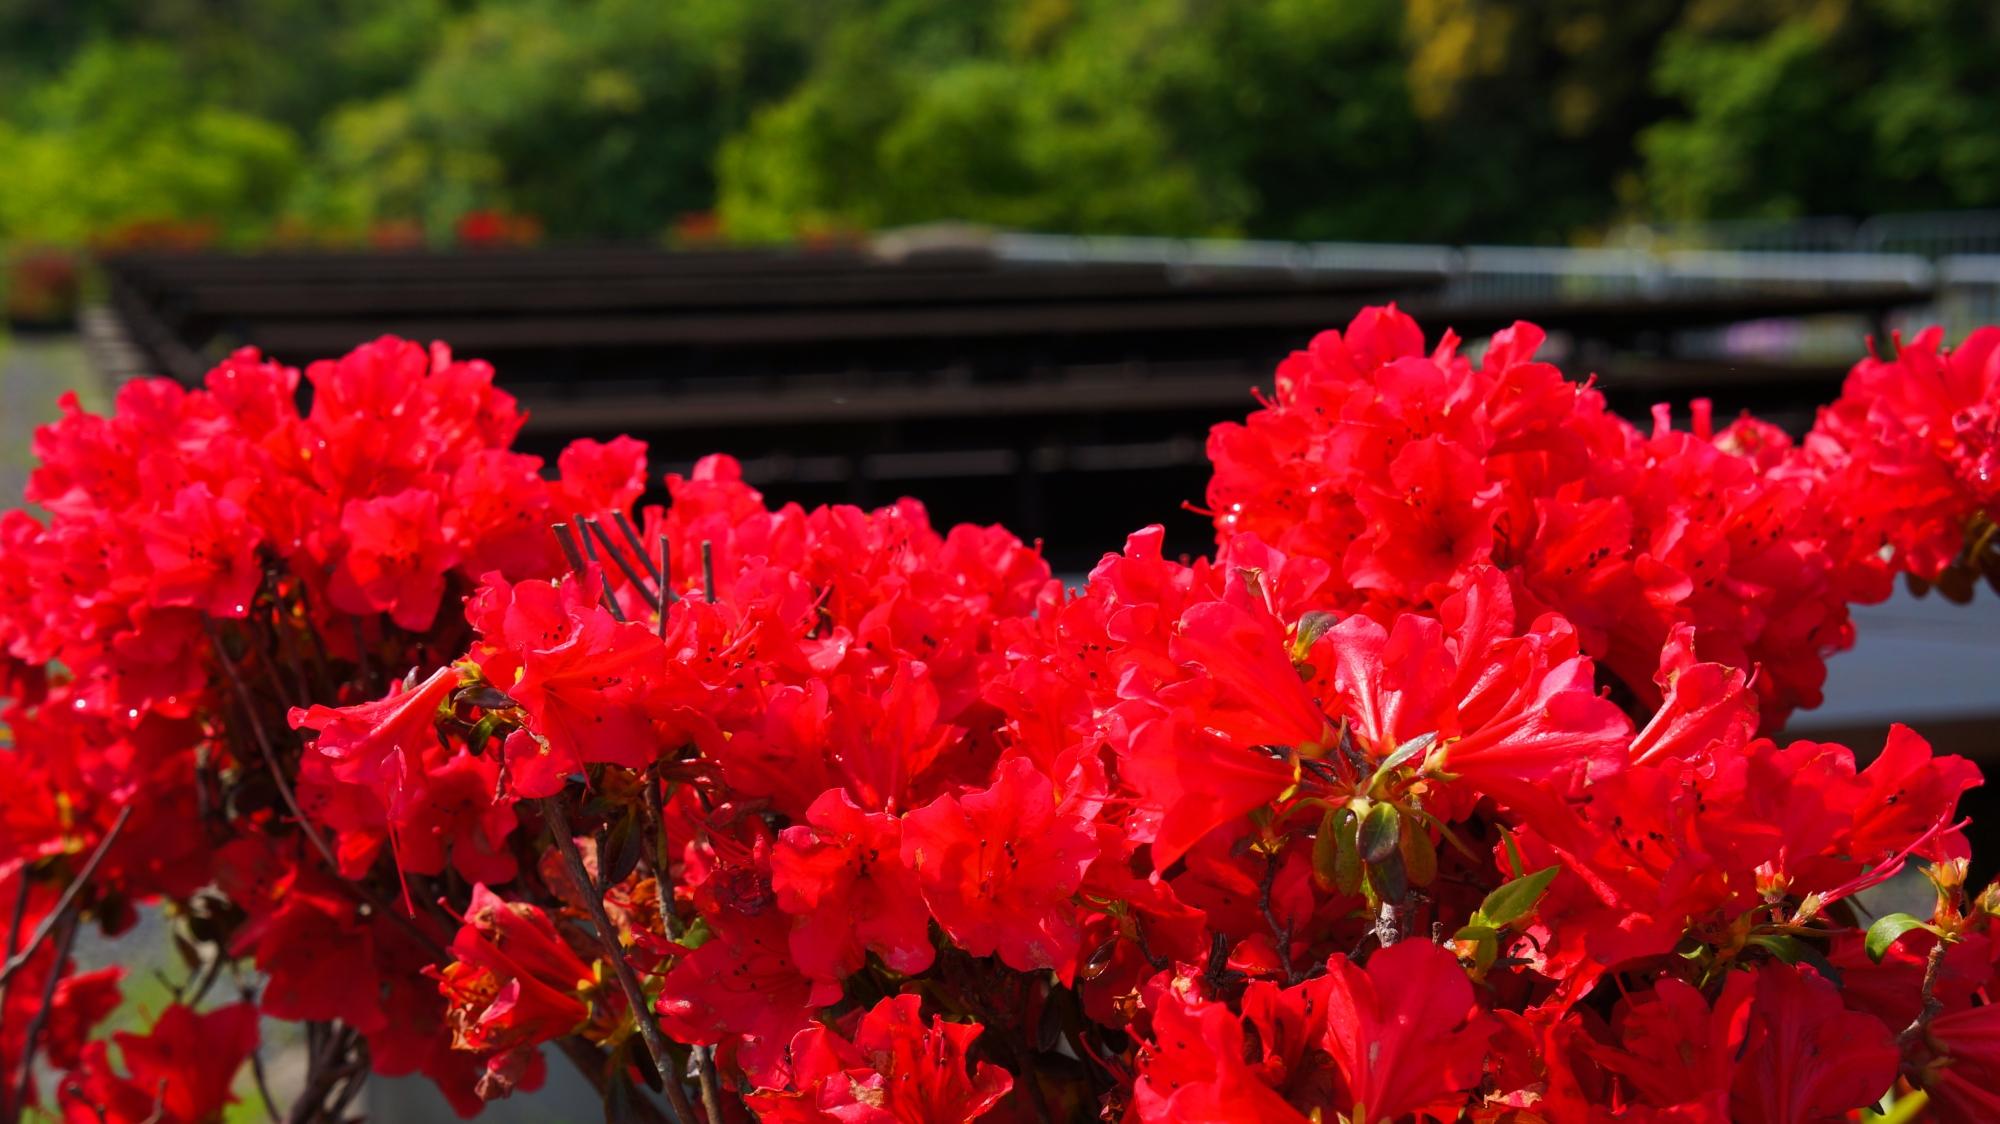 鮮烈な赤色の花を咲かせる蹴上浄水場のきりしまつつじ